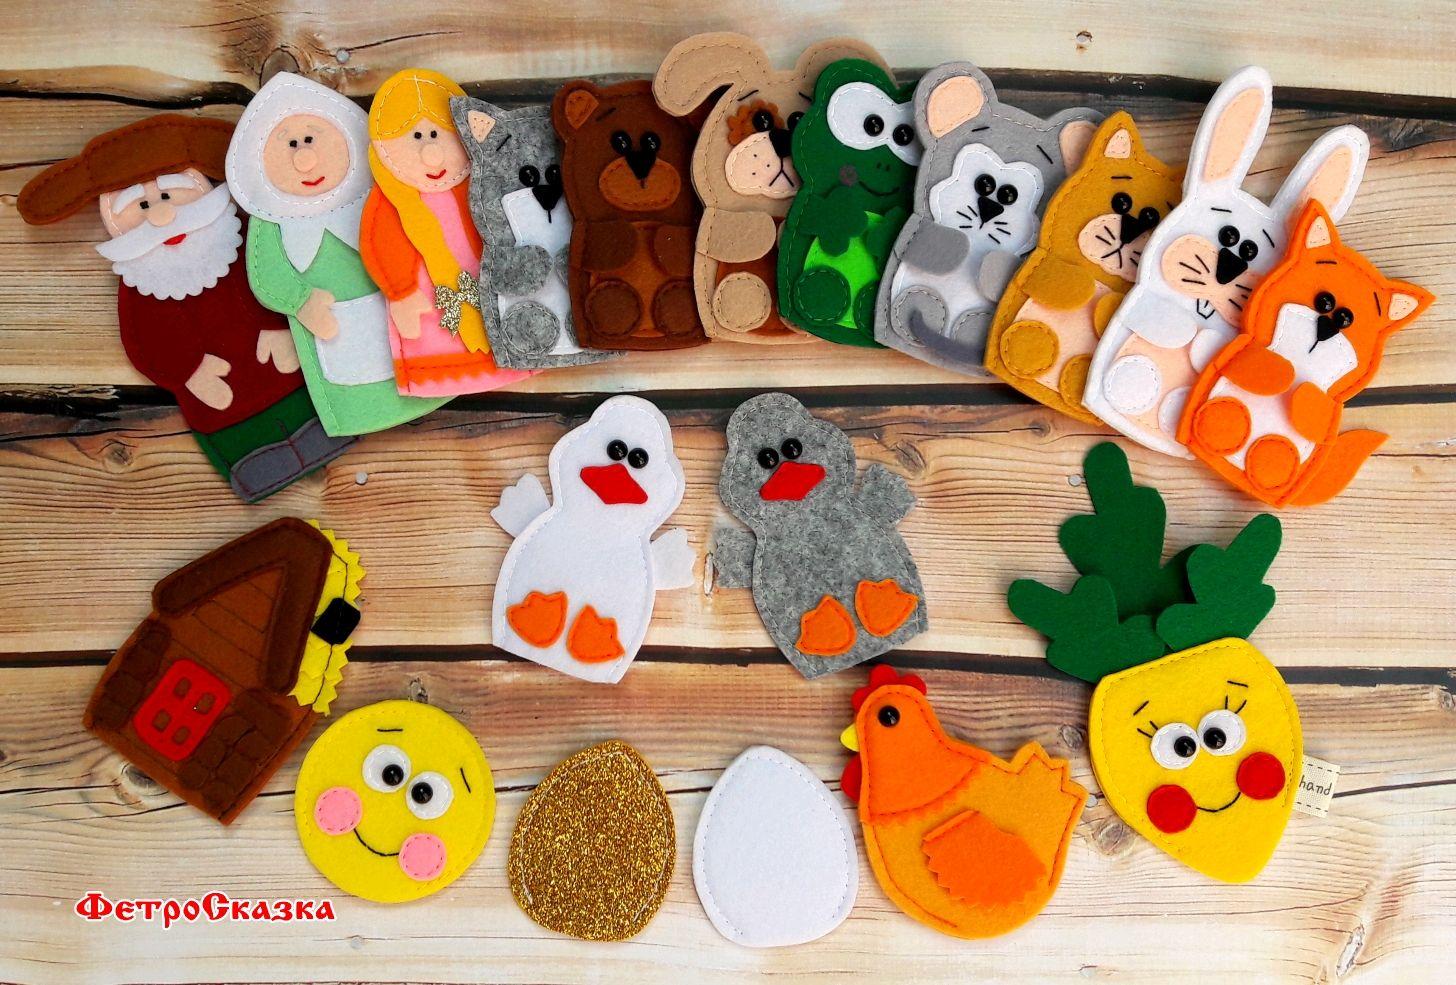 Большой кукольный театр из фетра! Пальчиковые игрушки из 5 сказок!!, Кукольный театр, Морозовск,  Фото №1